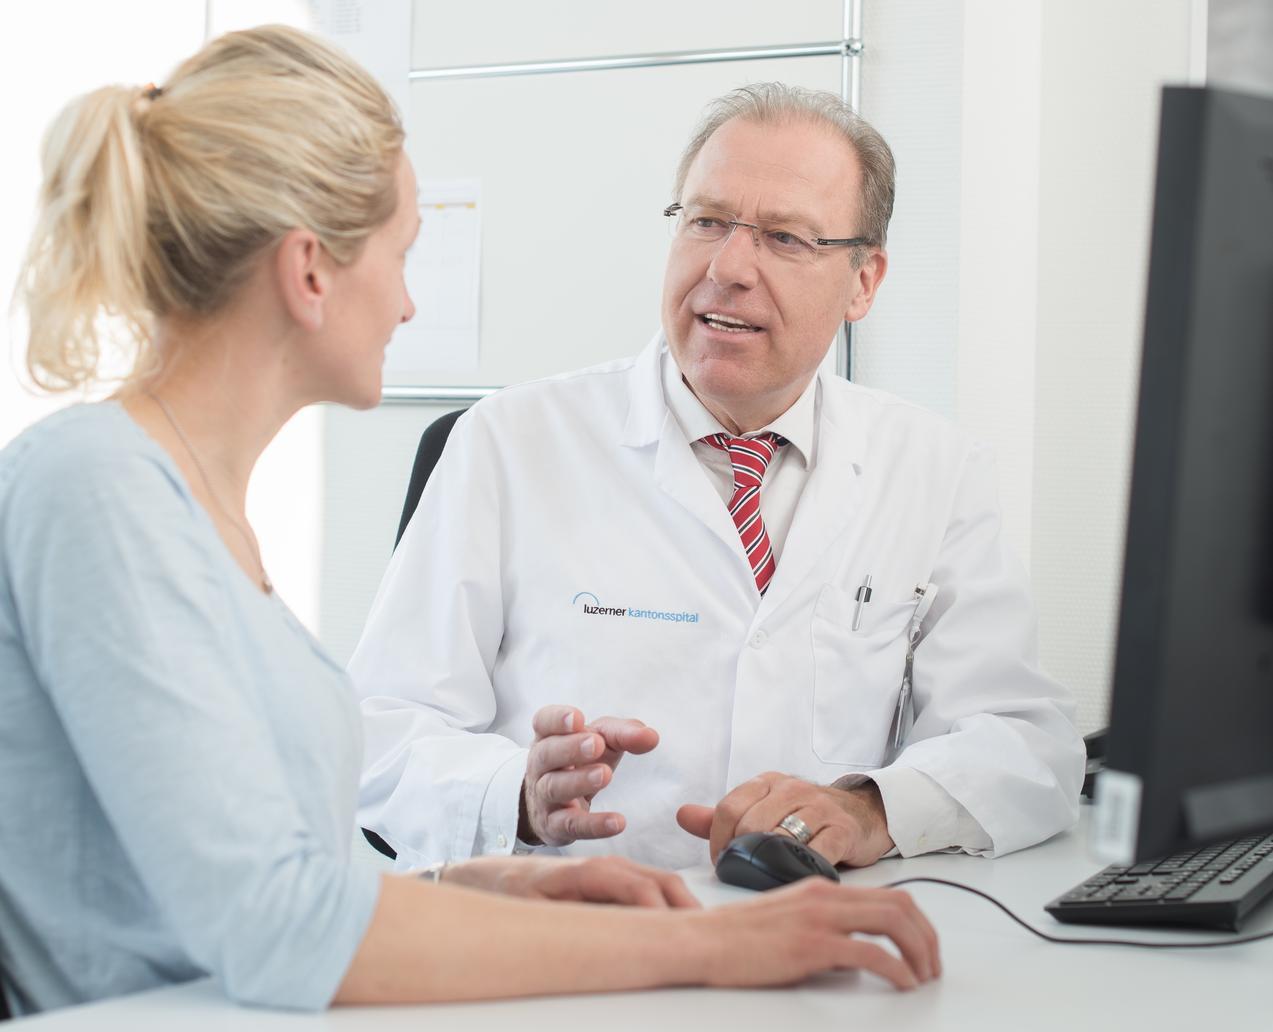 Radiologie   Luzerner Kantonsspital